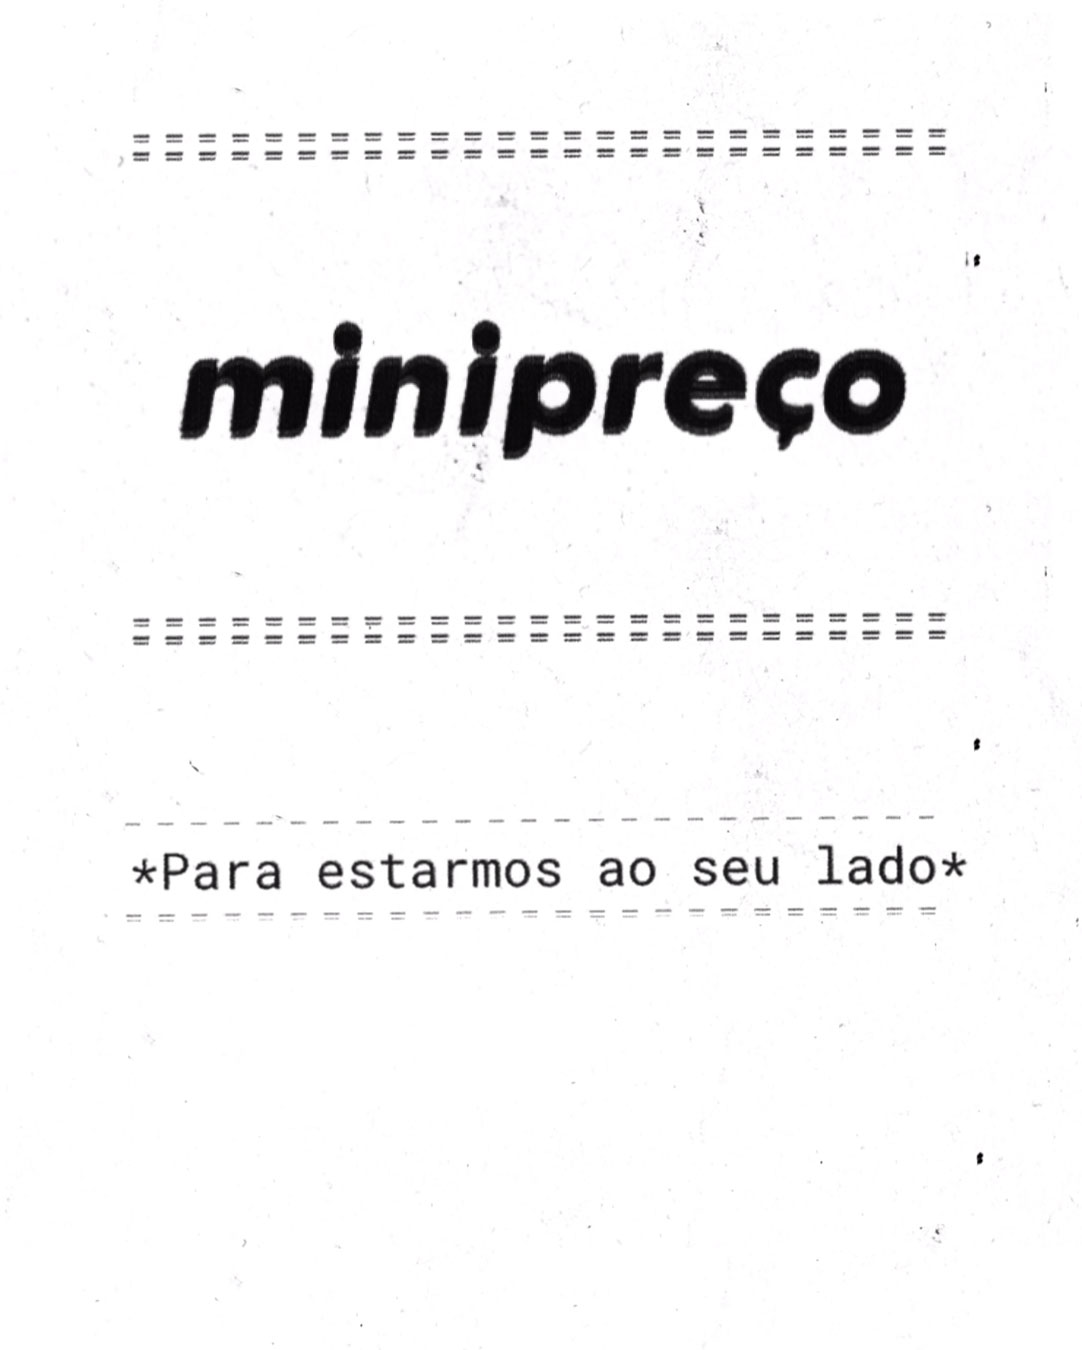 MINIPREÇO